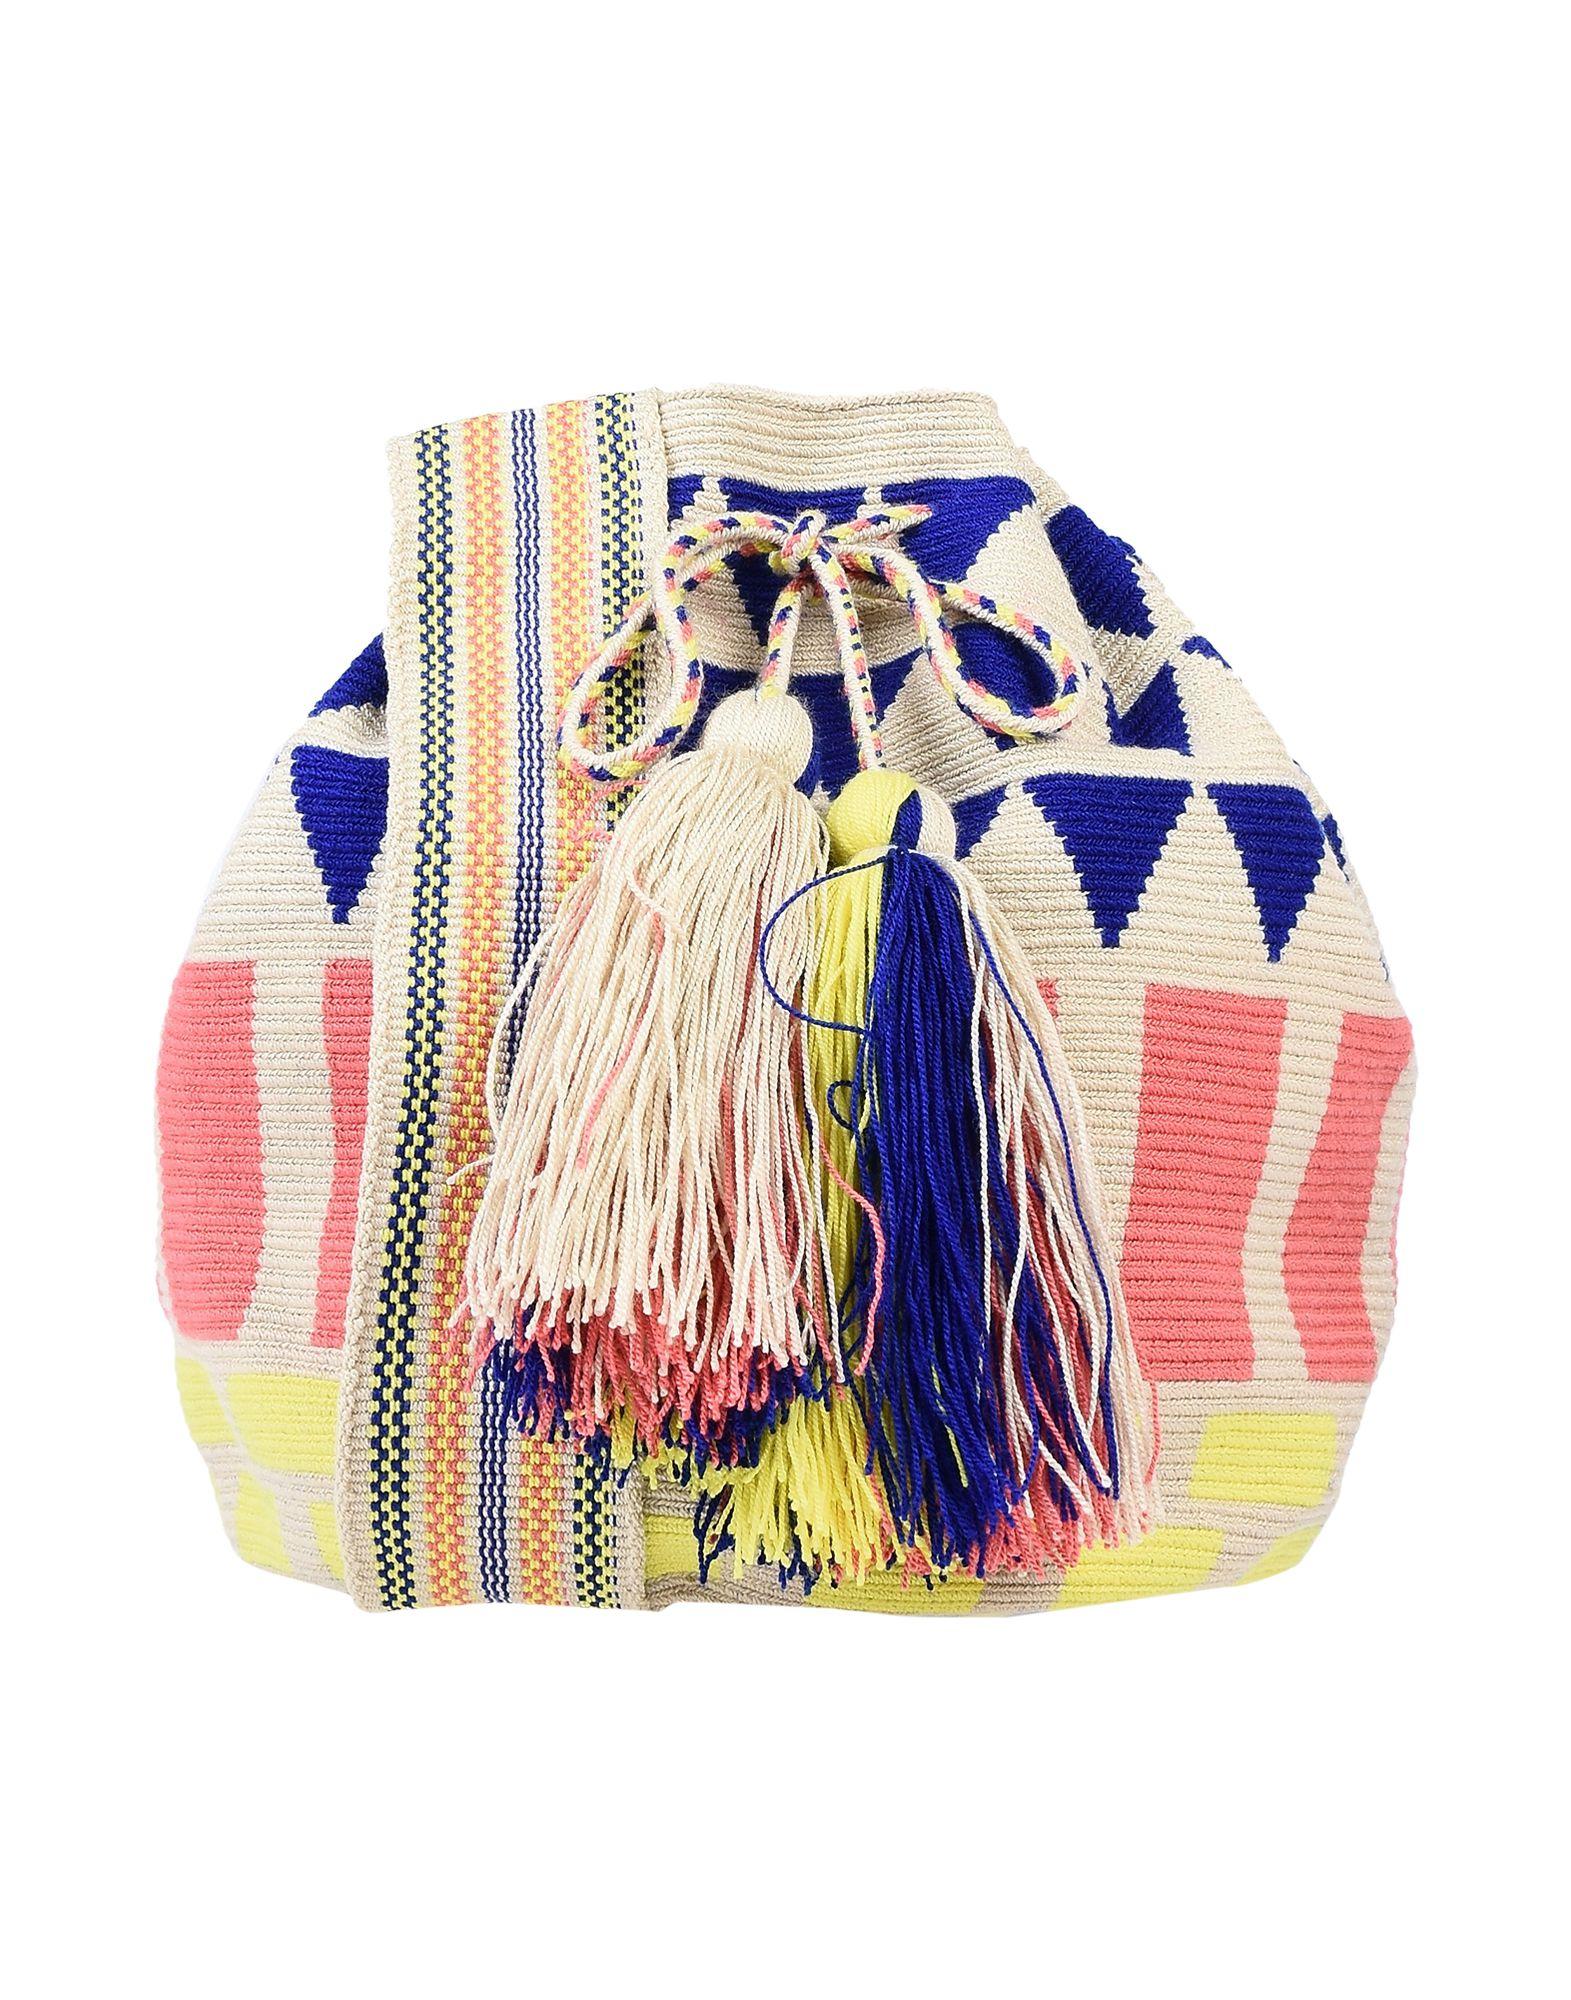 GUANABANA Сумка через плечо [супермаркет] landcase jingdong люди деловой сумки случайной сумка плечо сумка прилив мешок коричневого холст мешок 902